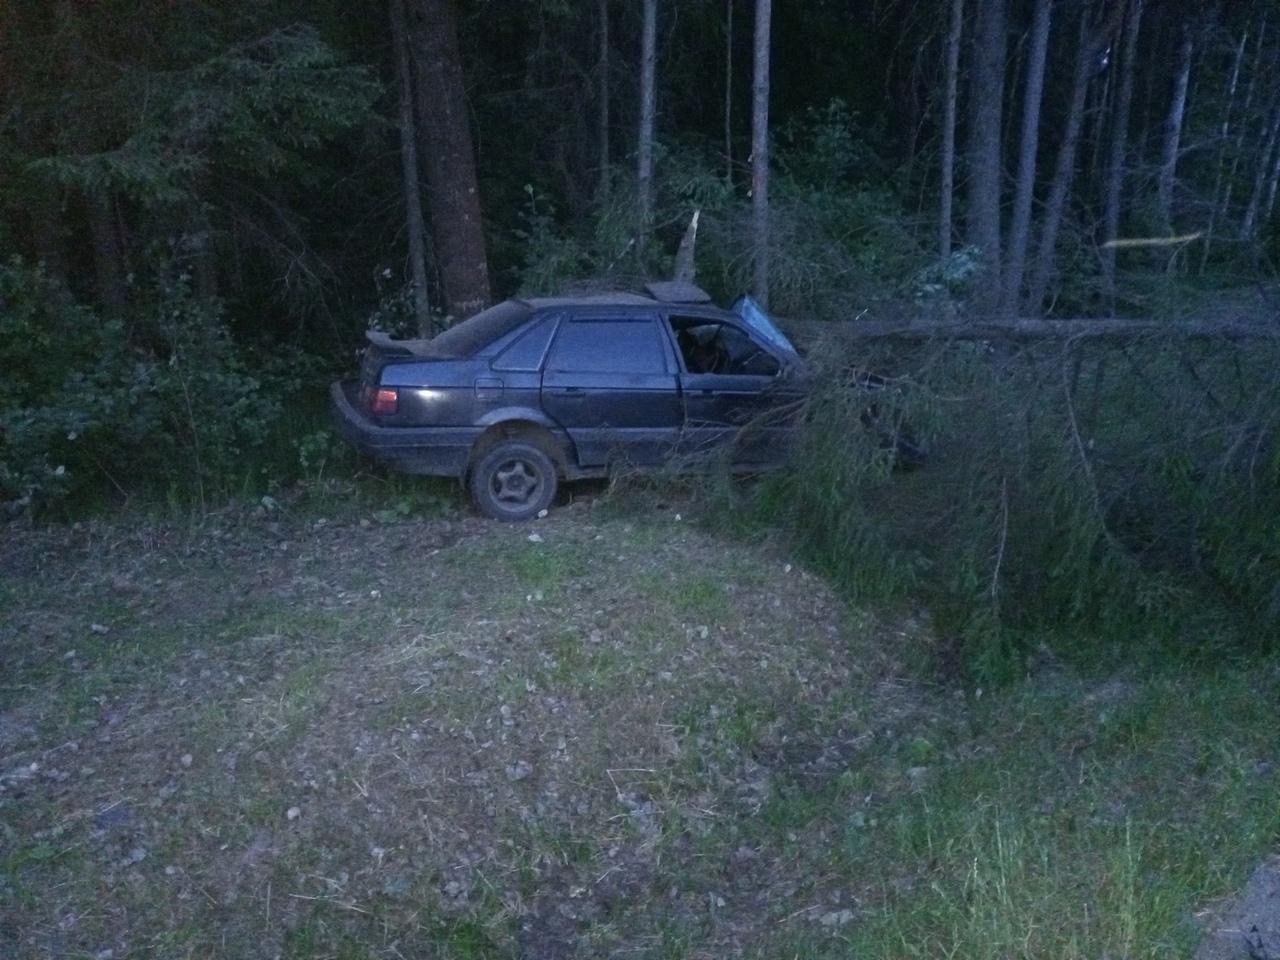 22 июня в 23:00 на автодороге Южное полукольцо, что в Ломоносовском районе, водитель автомобиля Фоль...